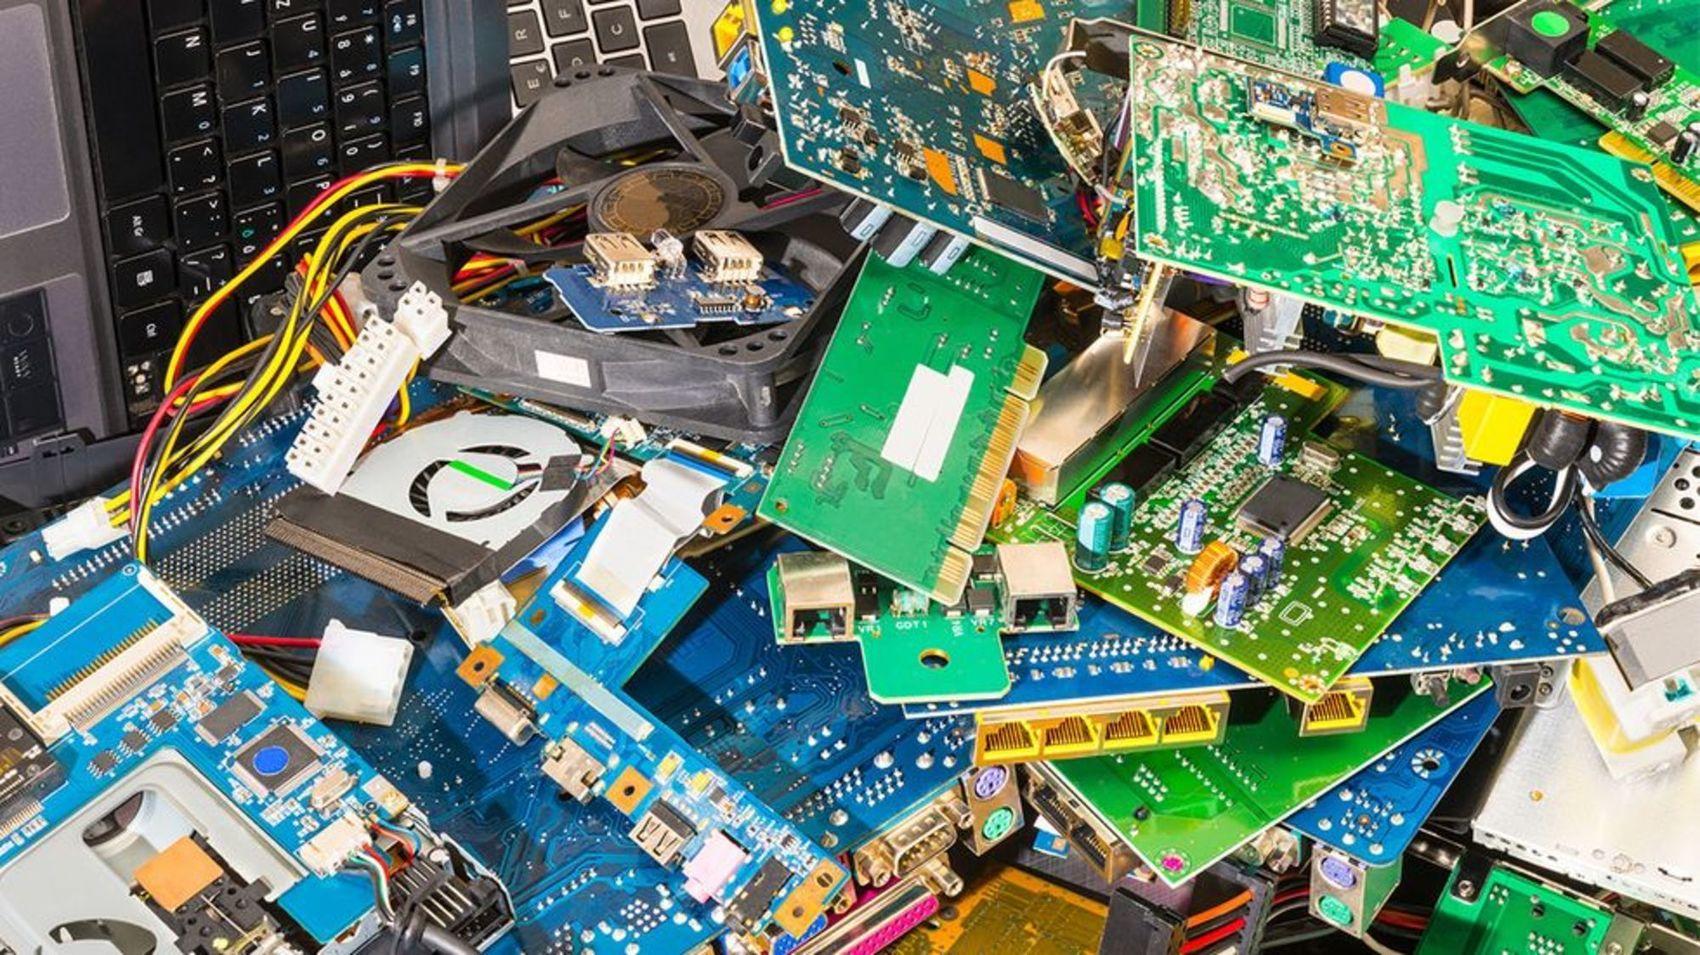 , The EU Declares War on E-Waste, The Circular Economy, The Circular Economy